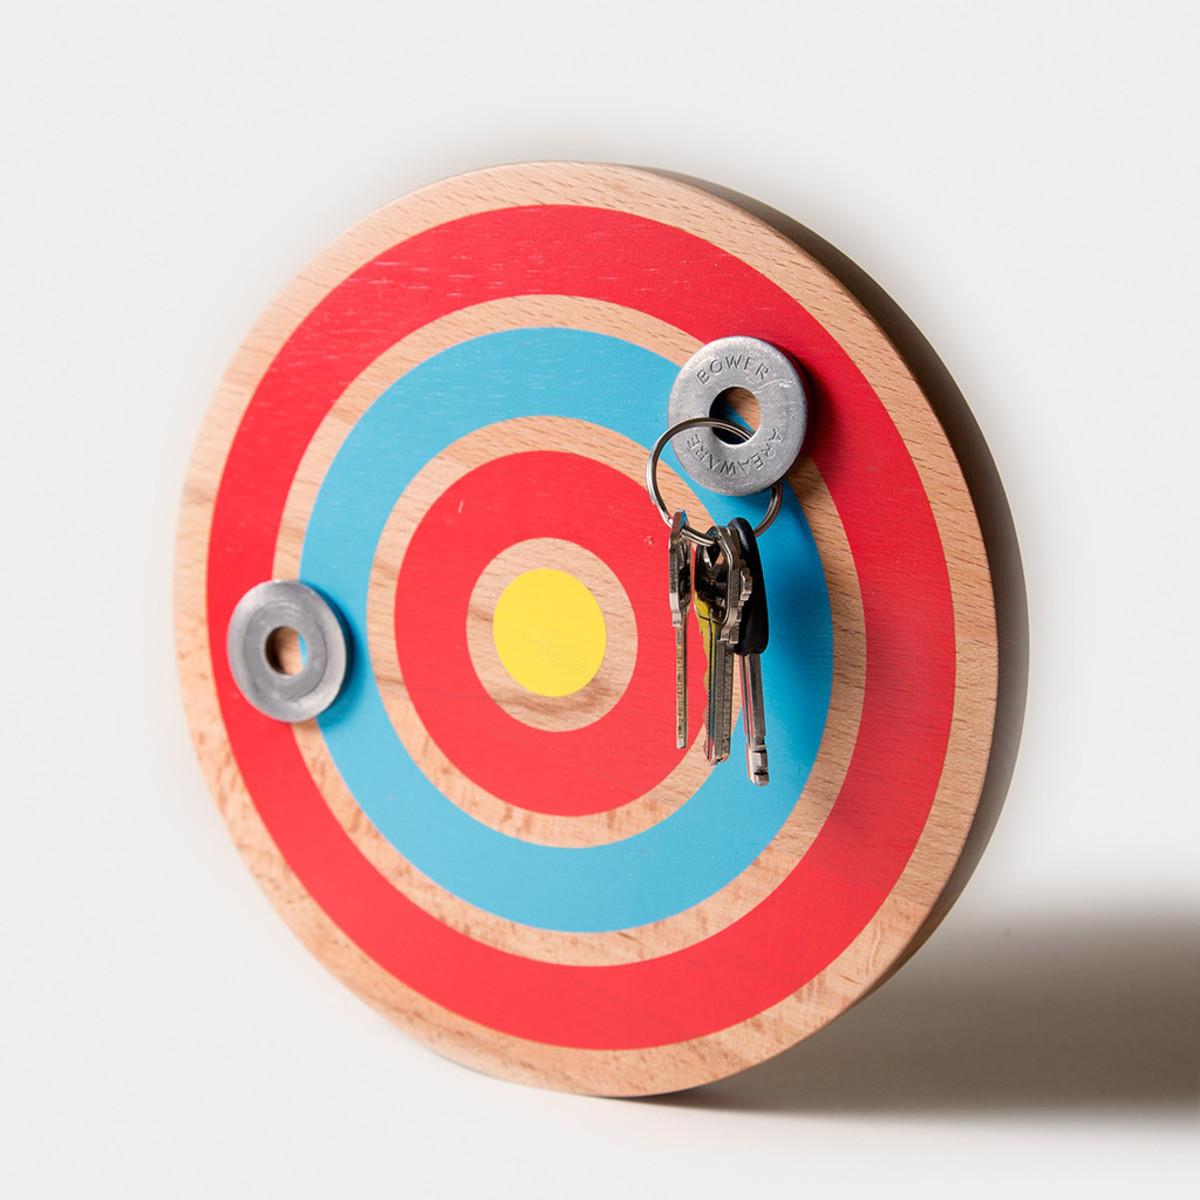 key-target_6f43cc5a-52c1-4de2-87f7-2b0c80c64701_1024x1024